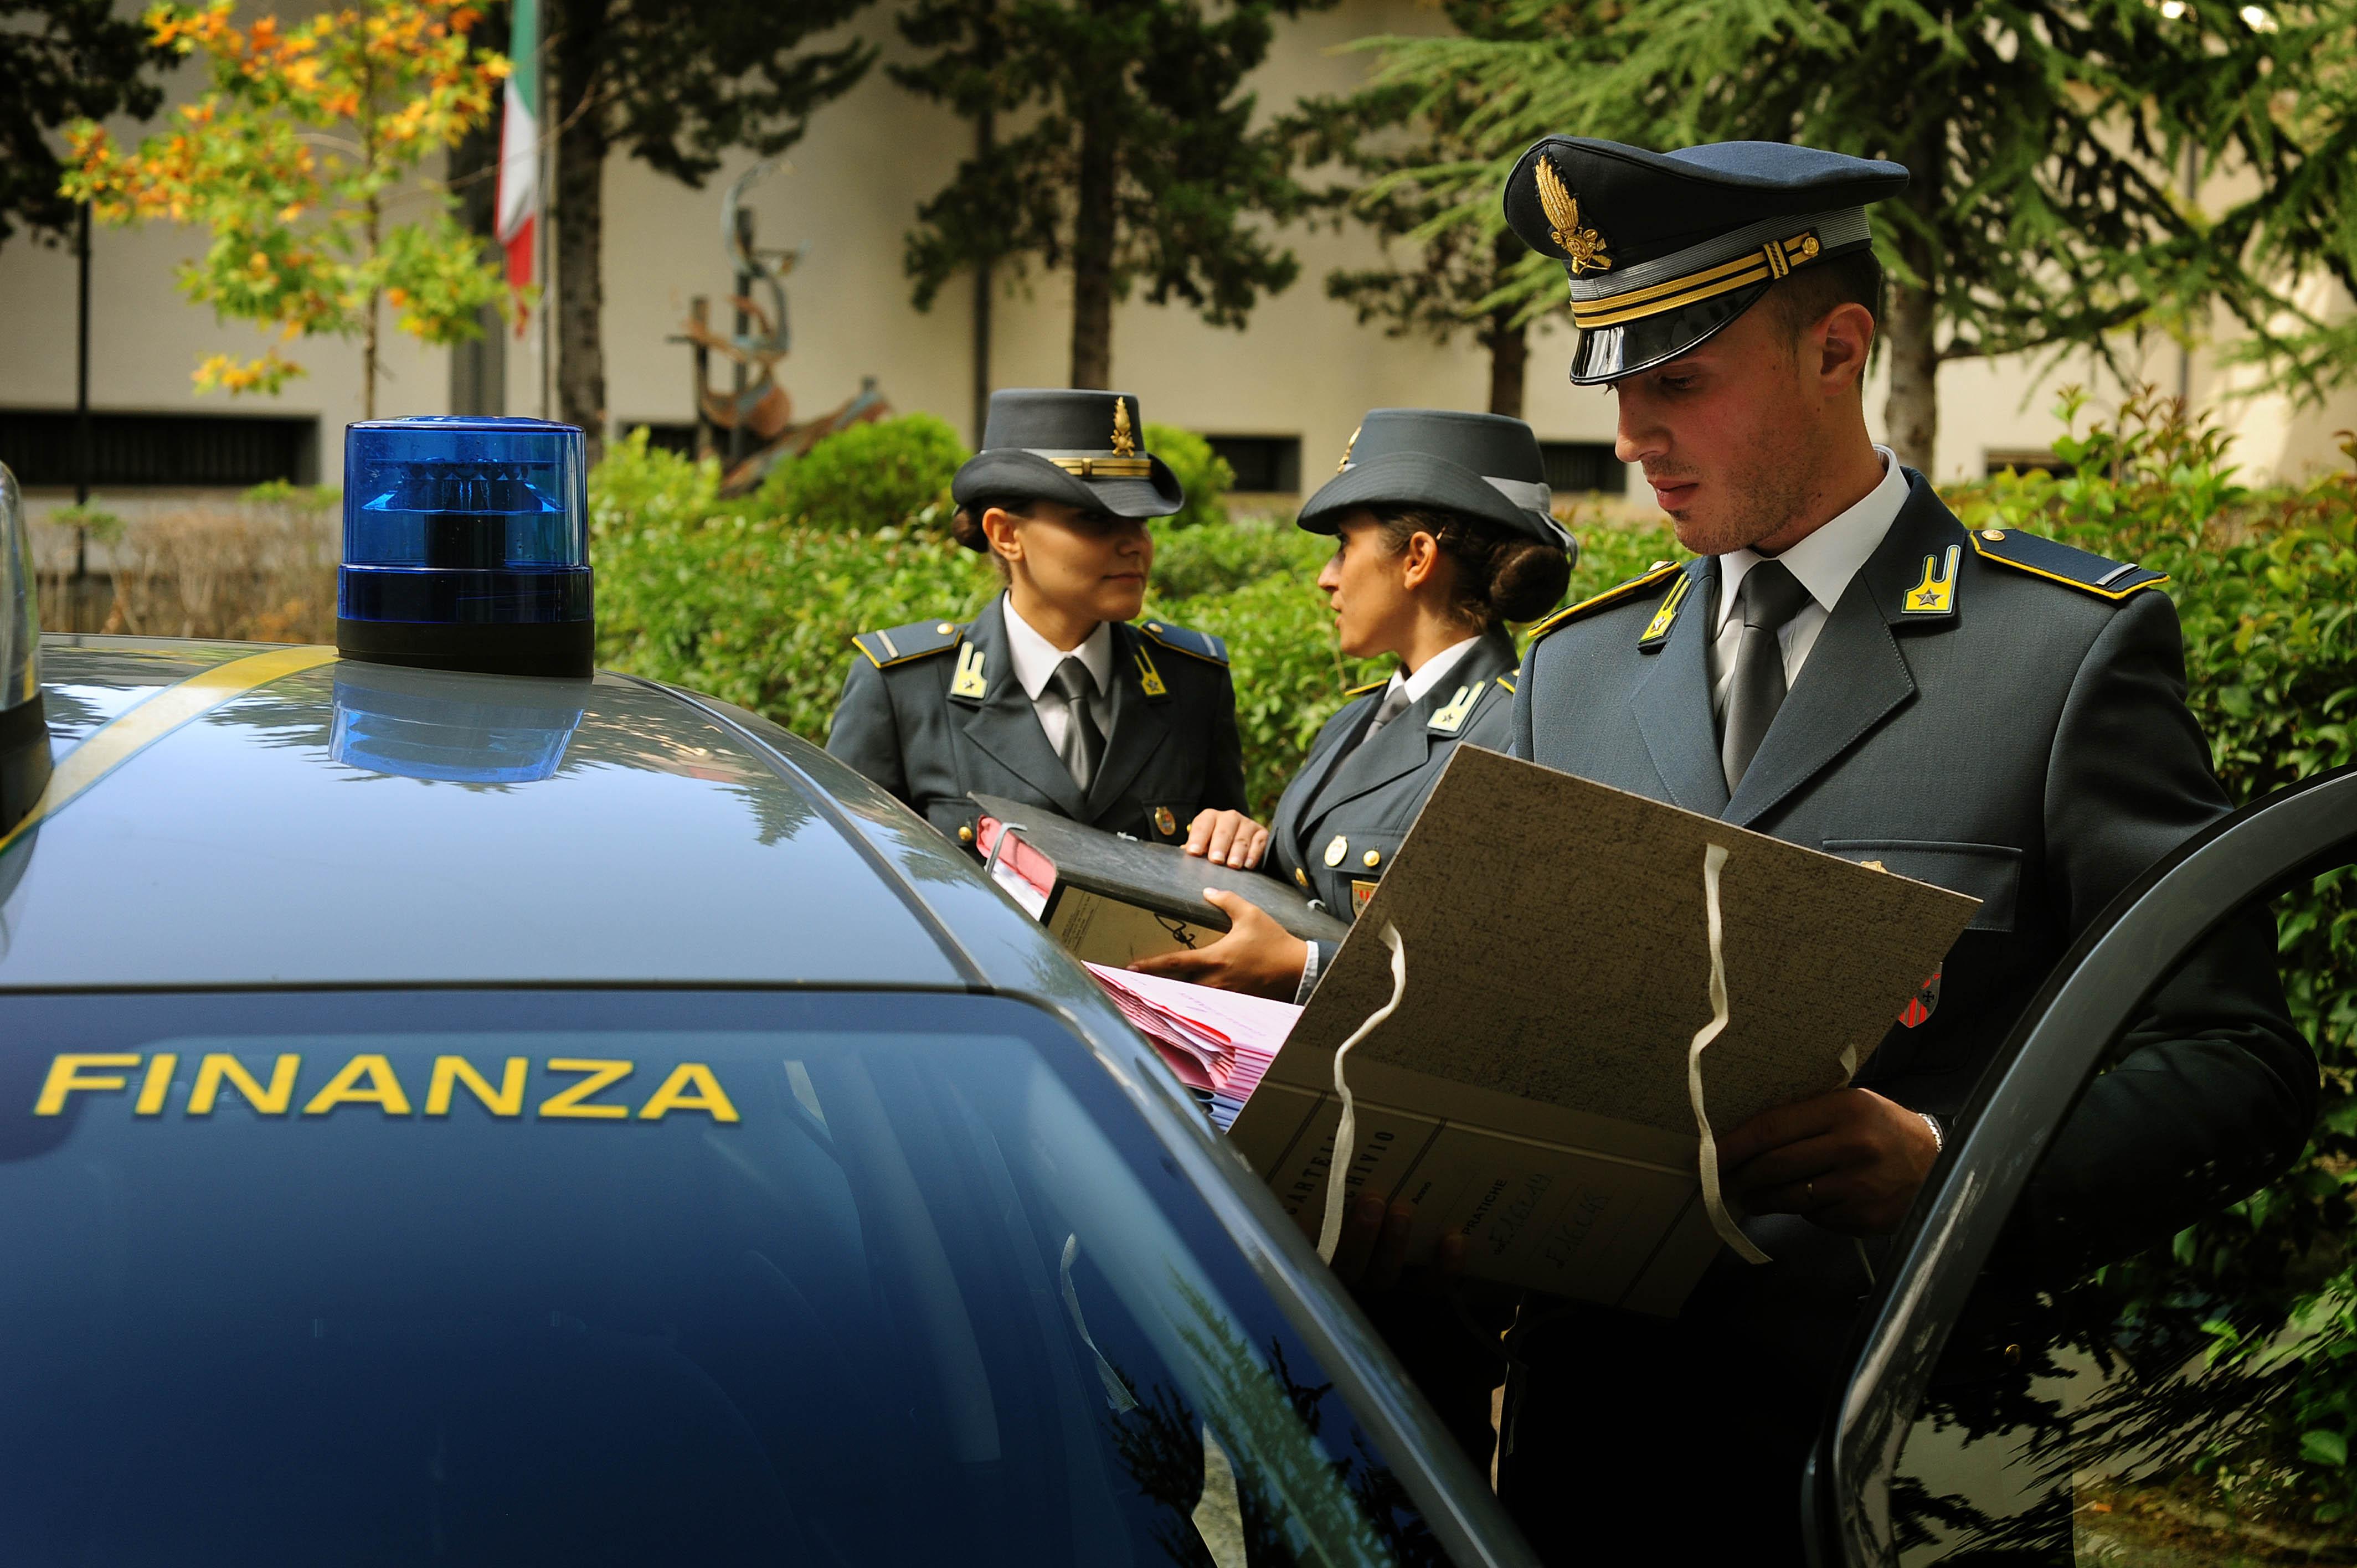 Maxi sequestro da 2 milioni e mezzo di euro nei confronti della cosca Arena di Isola Capo Rizzuto